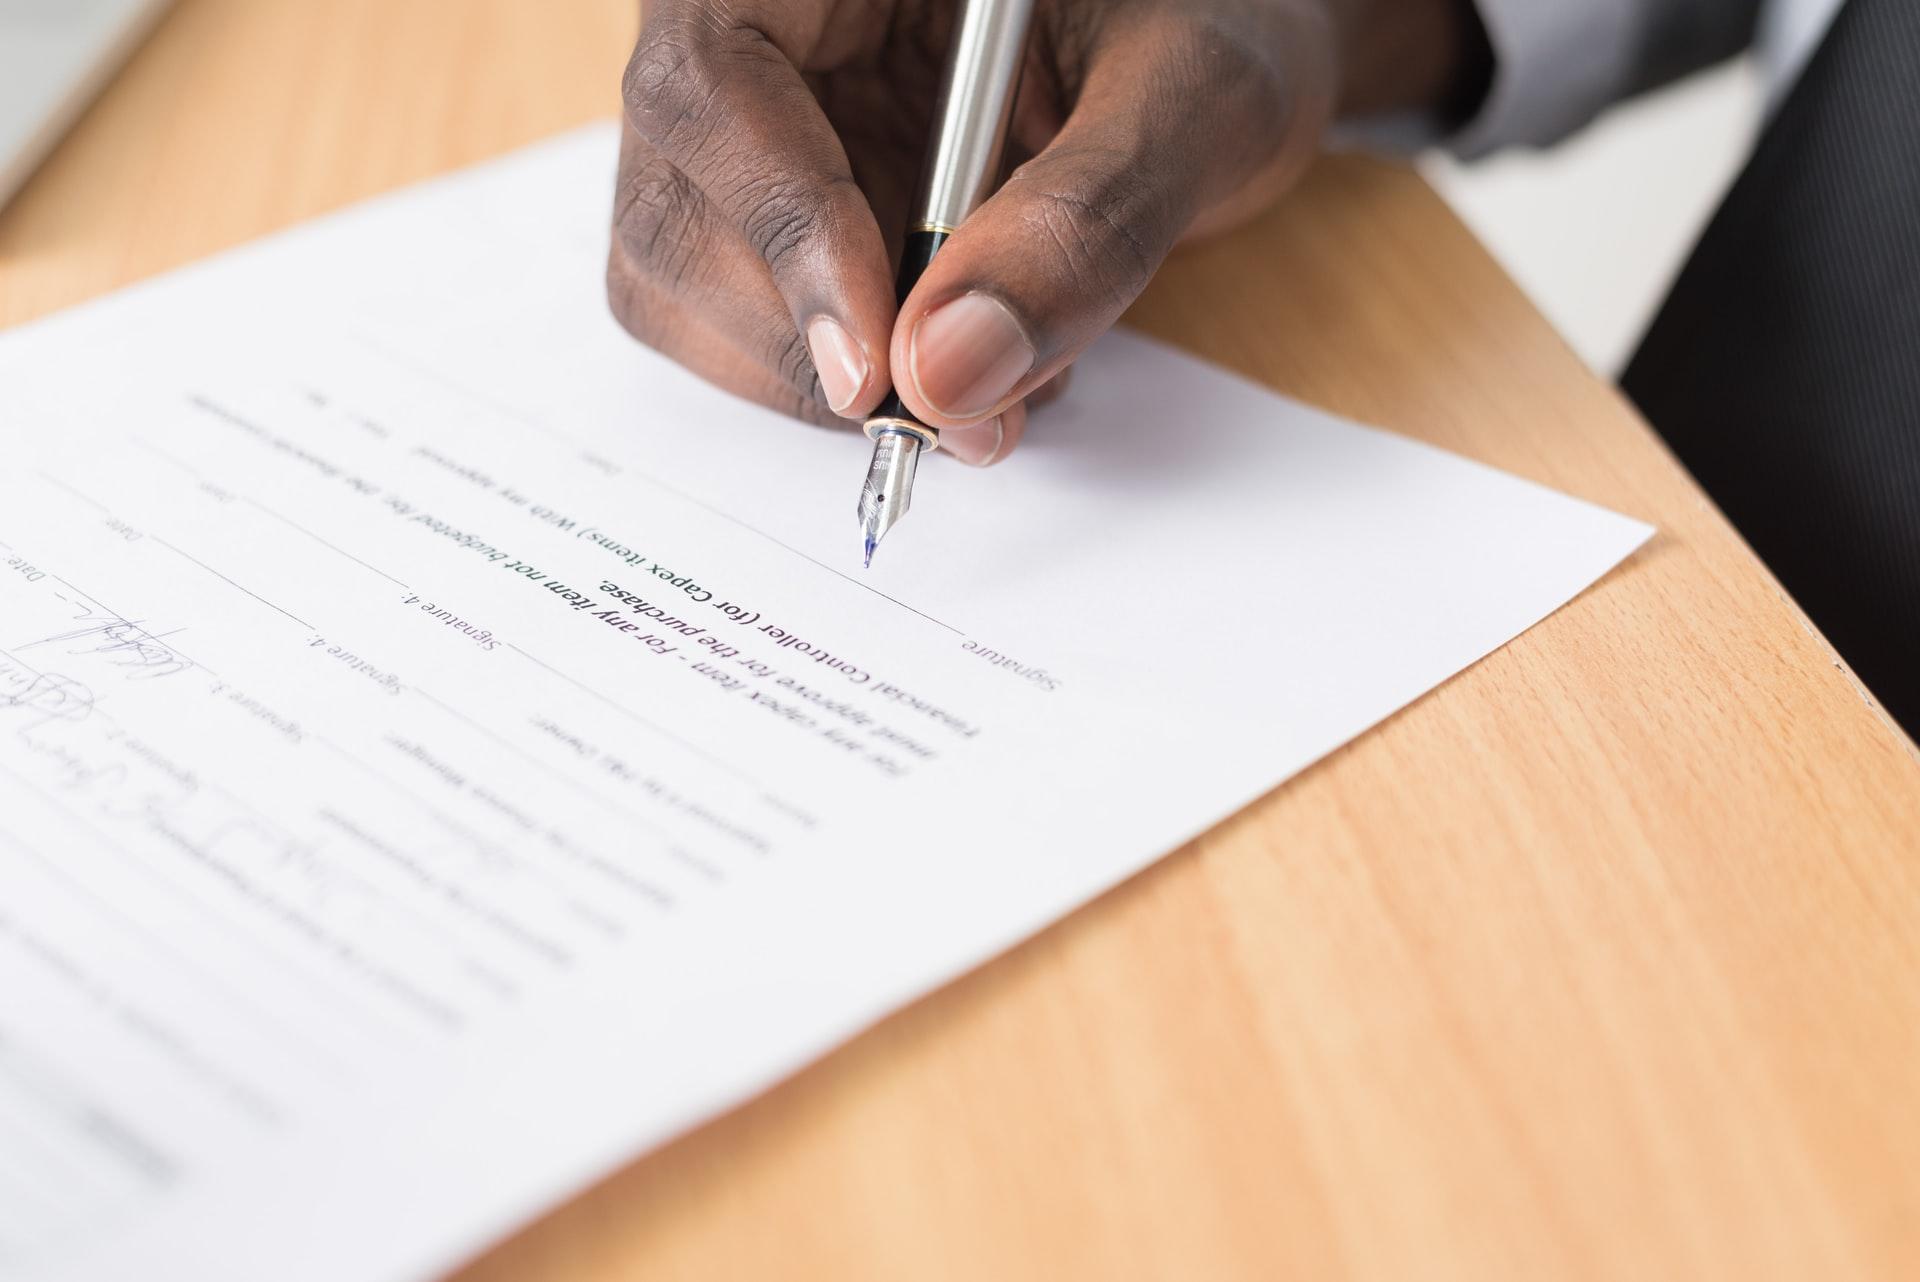 日報とは?目的・意味・内容・メリット・書き方・効率化する方法を紹介